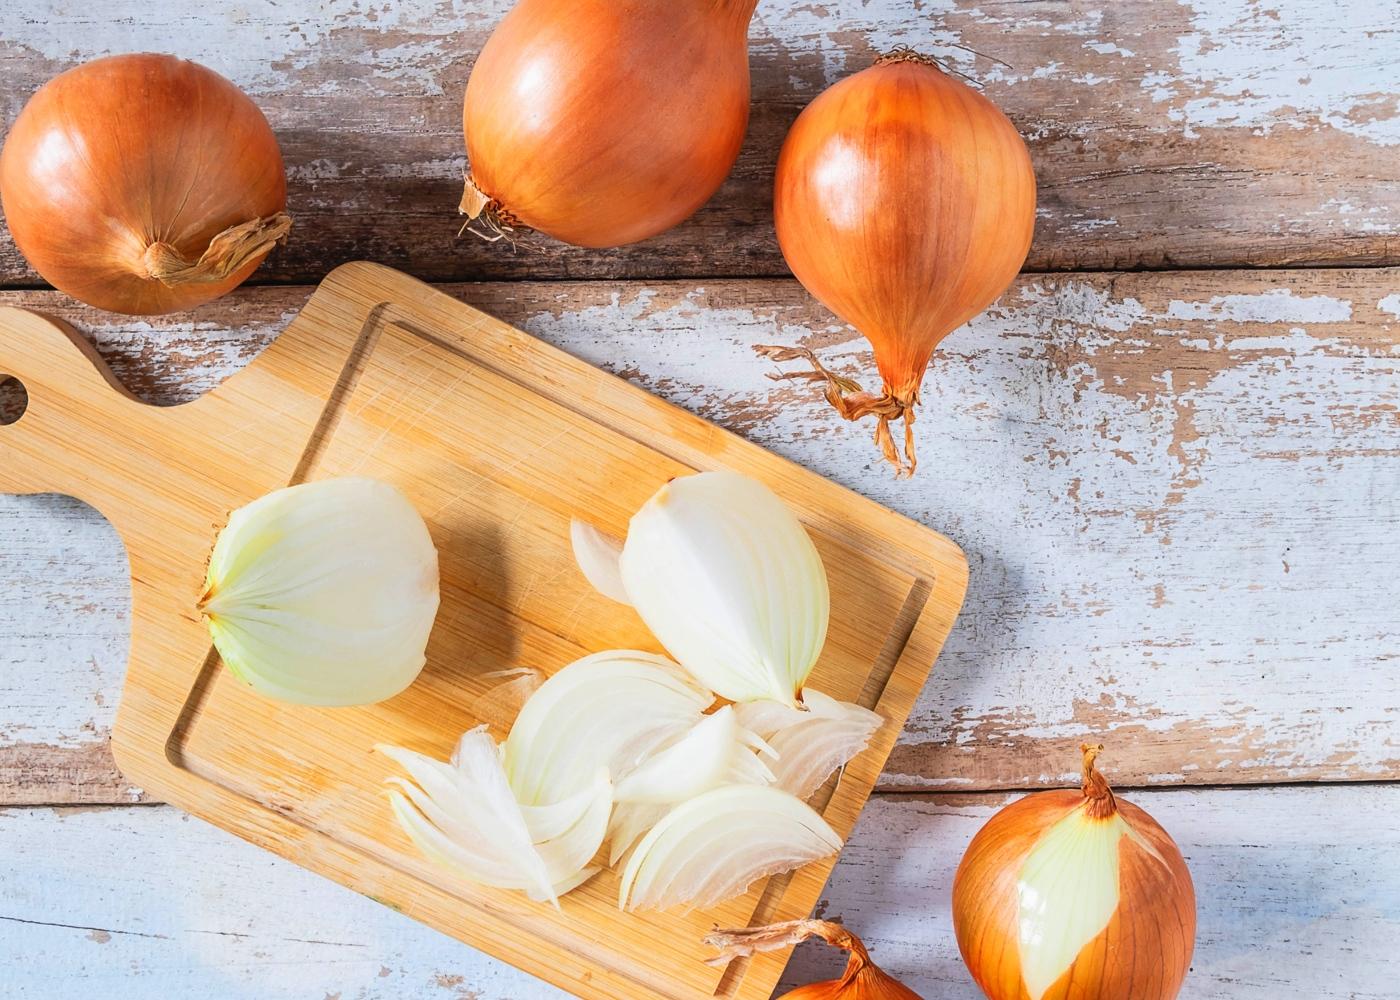 Cebolas inteiras e cebola cortada em tábua de madeira